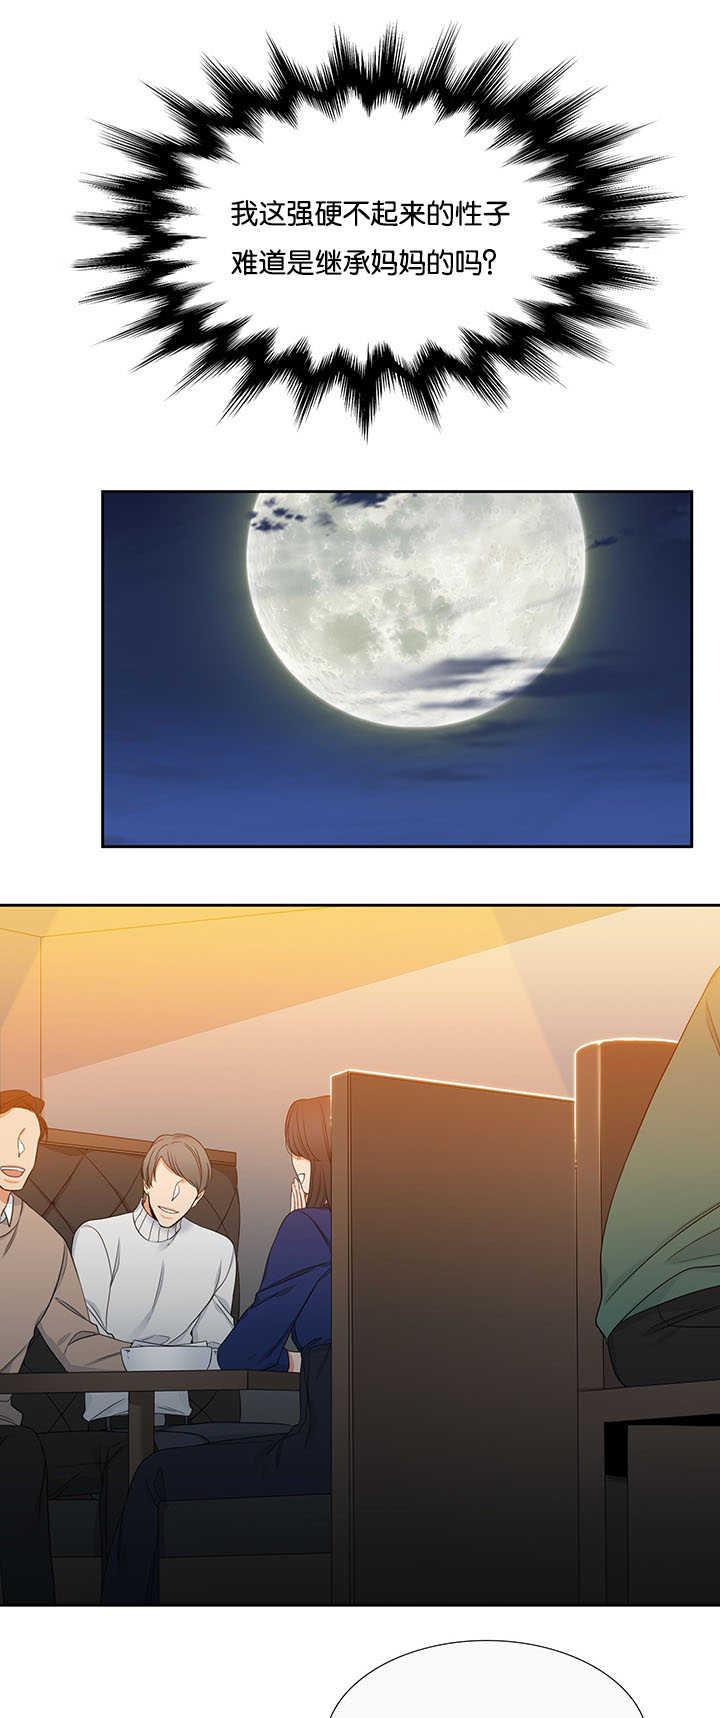 狼的香气-漫画全集在线阅读_最新连载更新至193话-啵乐漫画